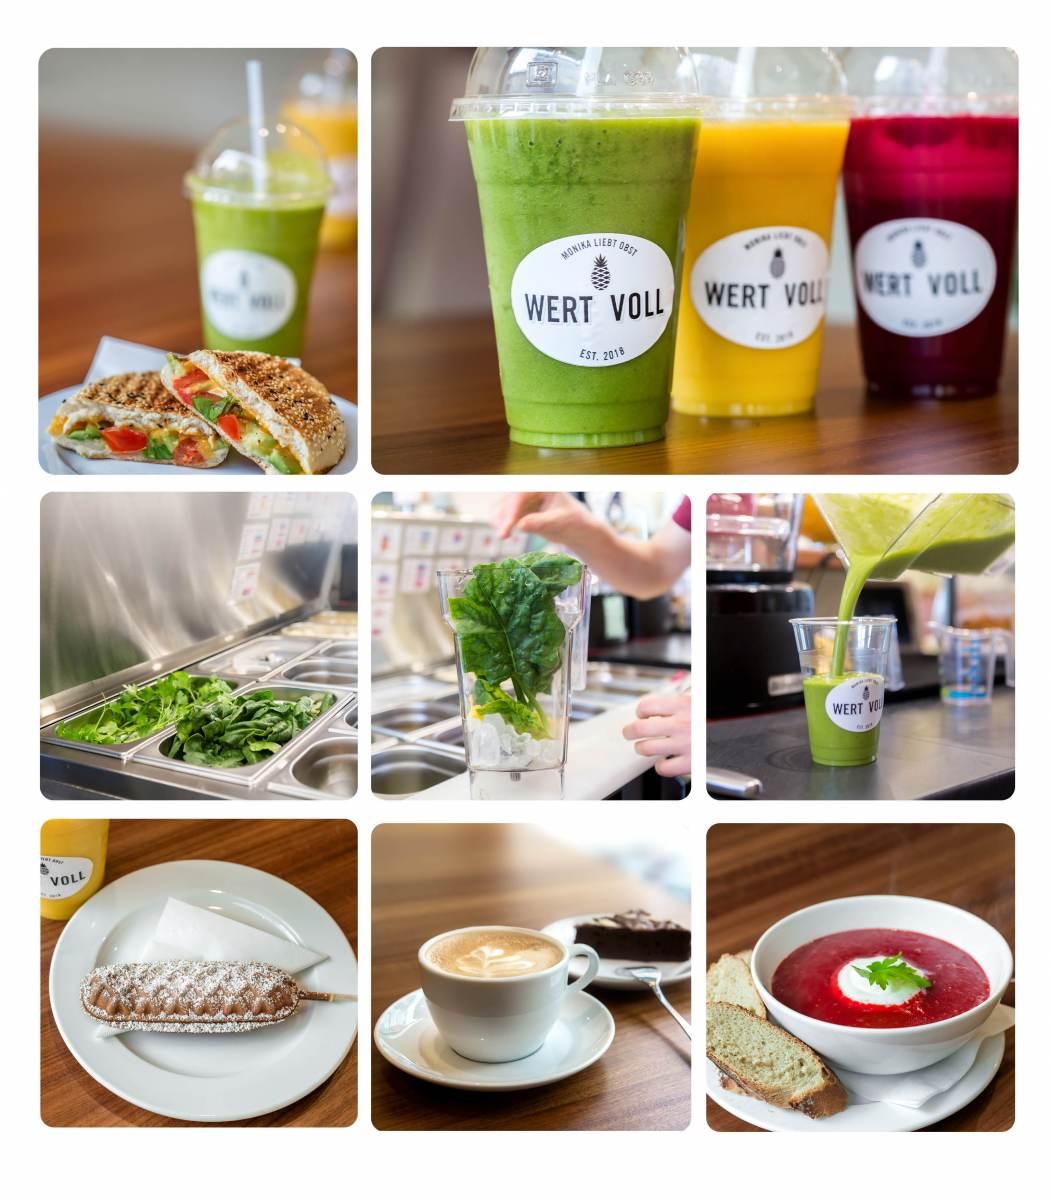 Ambient & Foodfotografie für Wertvoll